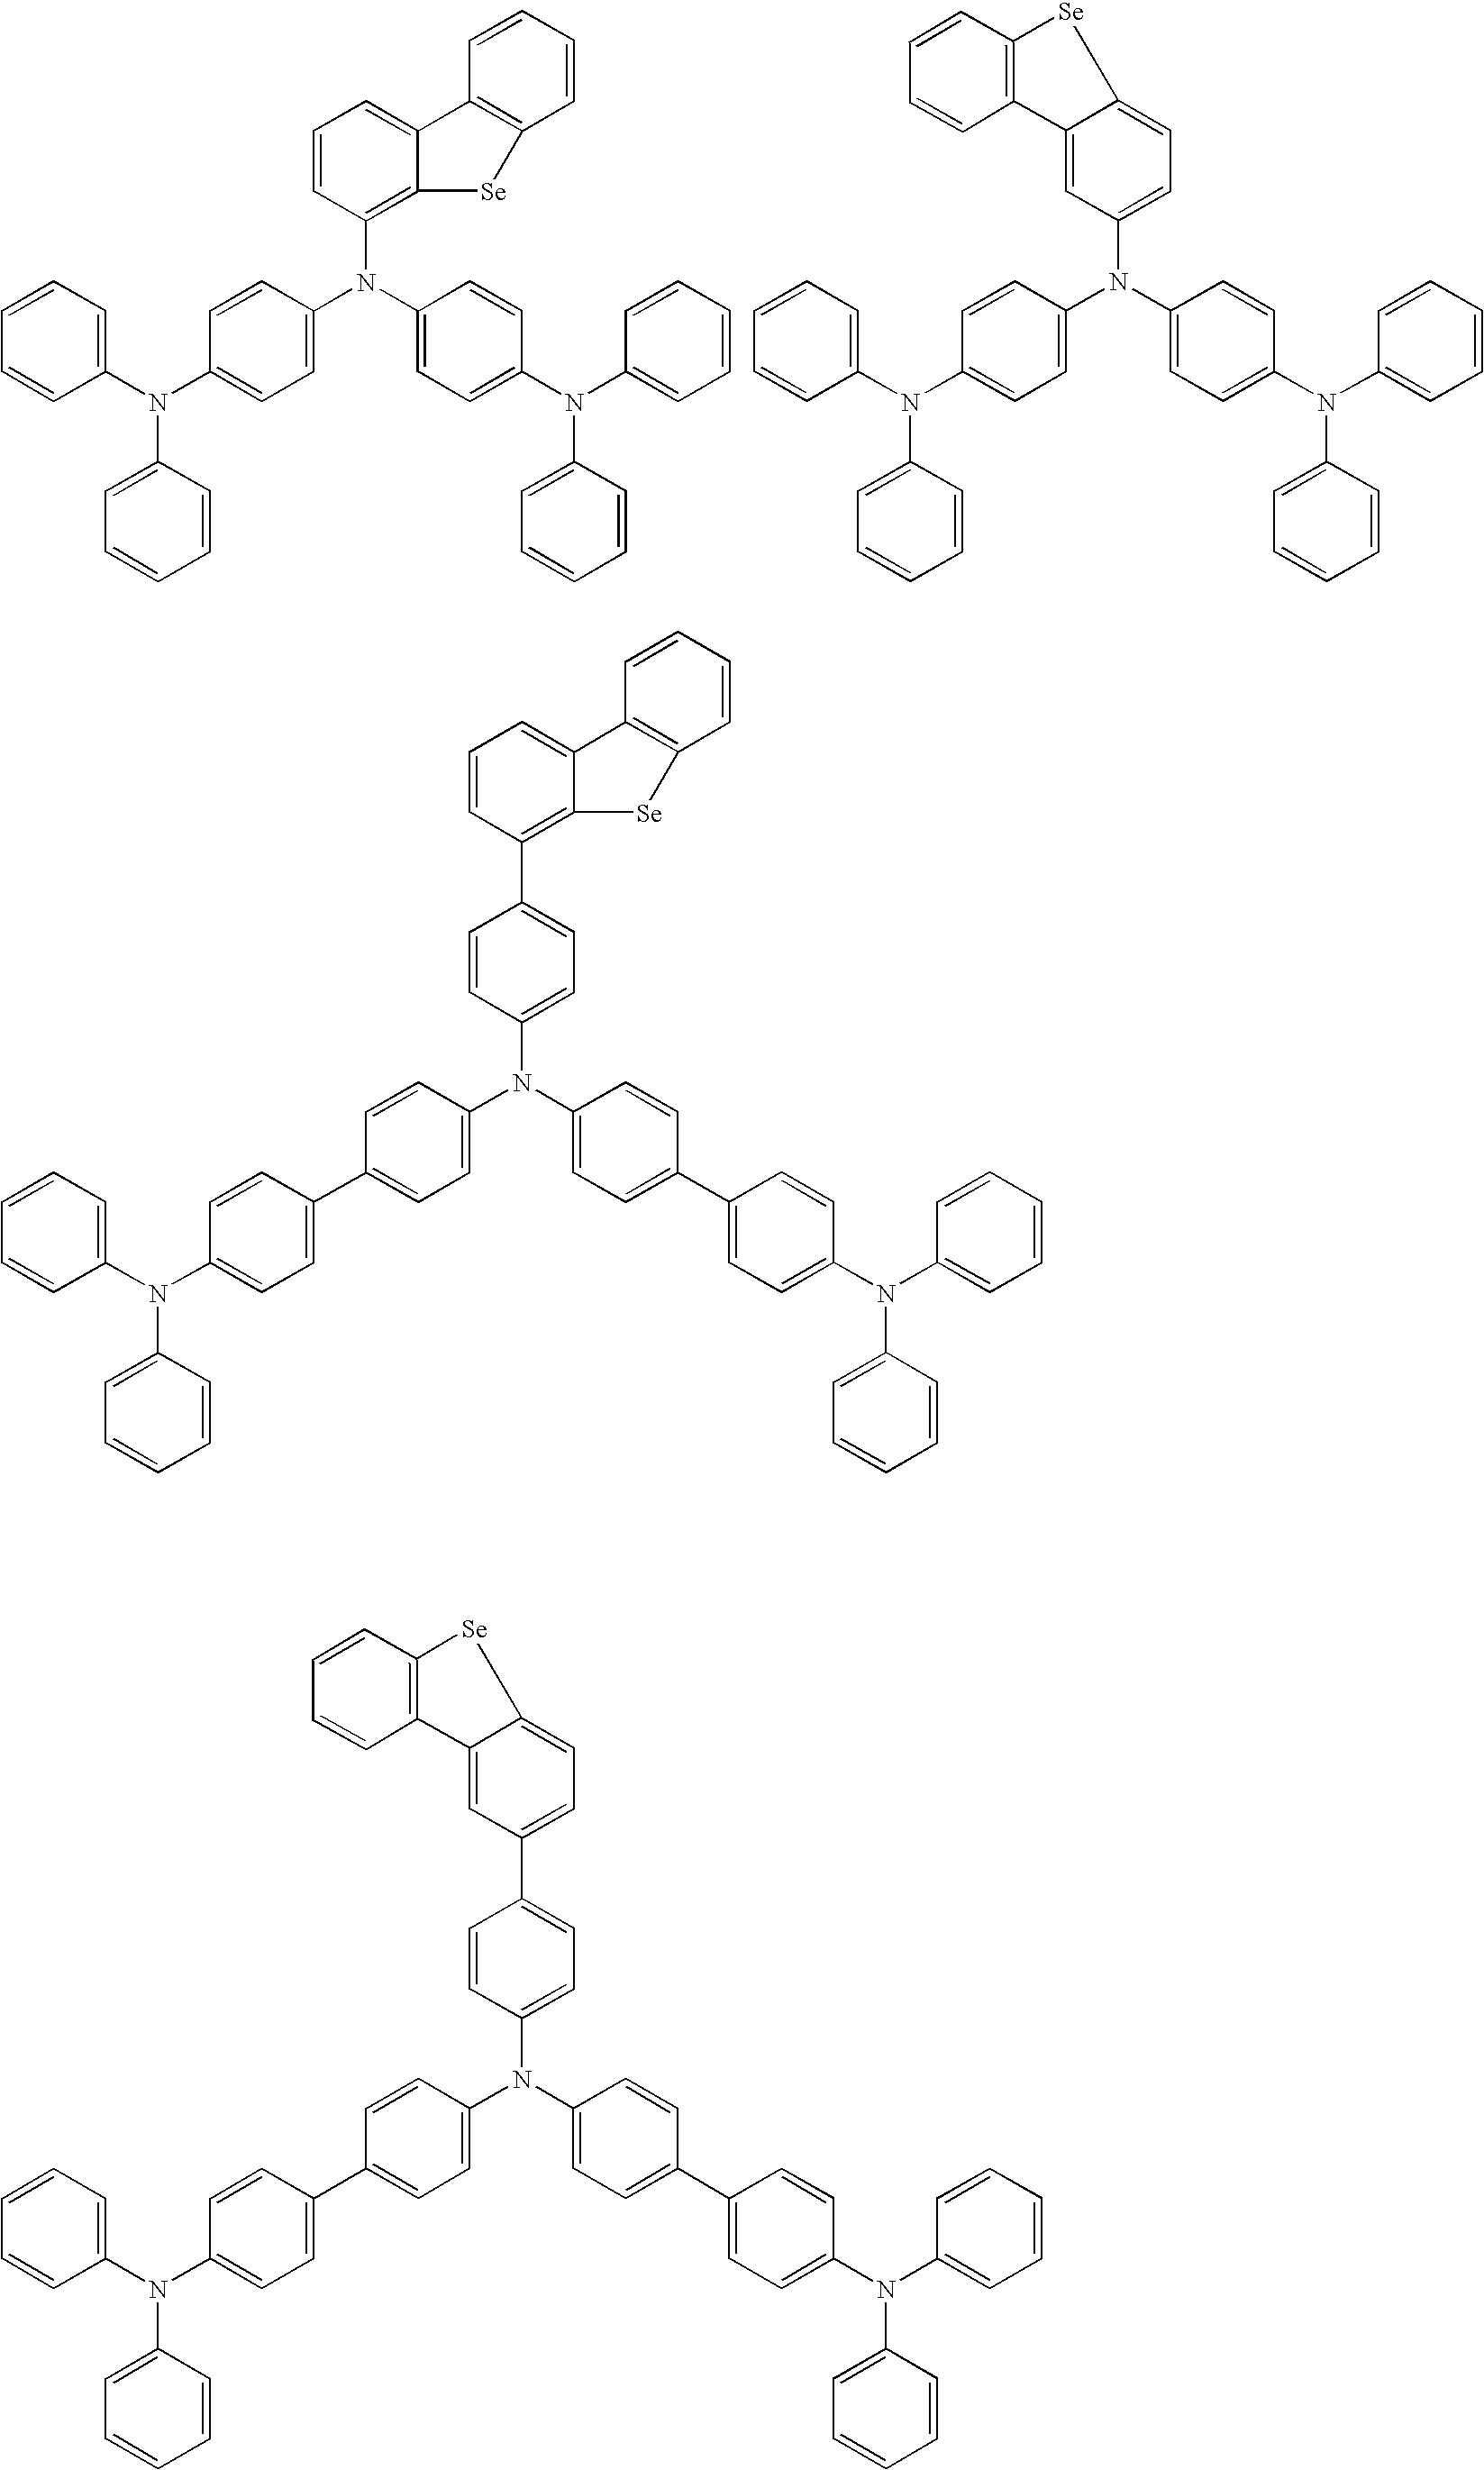 Figure US20100072887A1-20100325-C00250